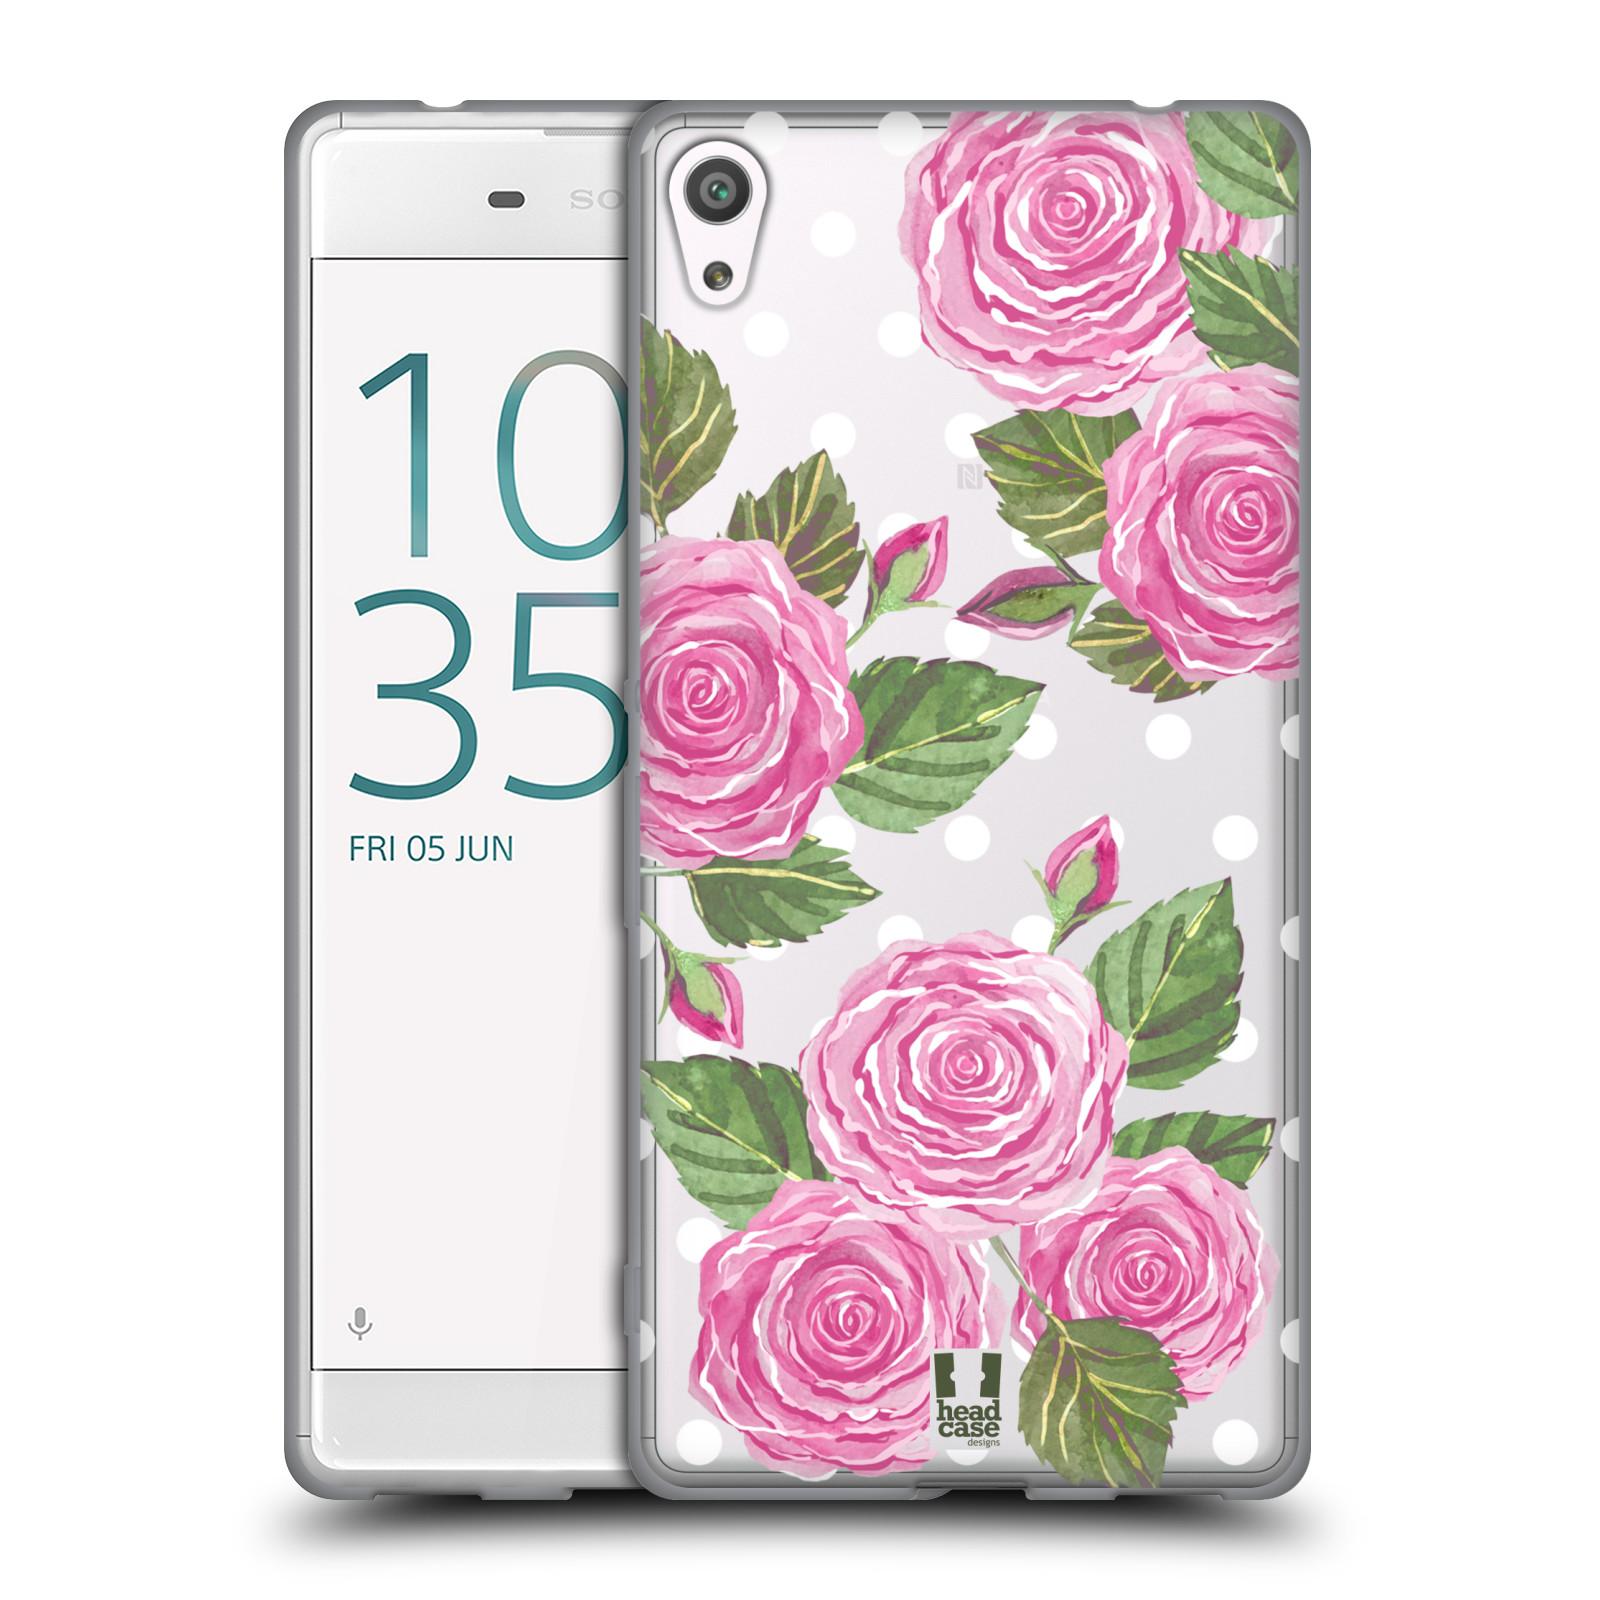 HEAD CASE silikonový obal na mobil Sony Xperia XA ULTRA Anglické růže růžová barva